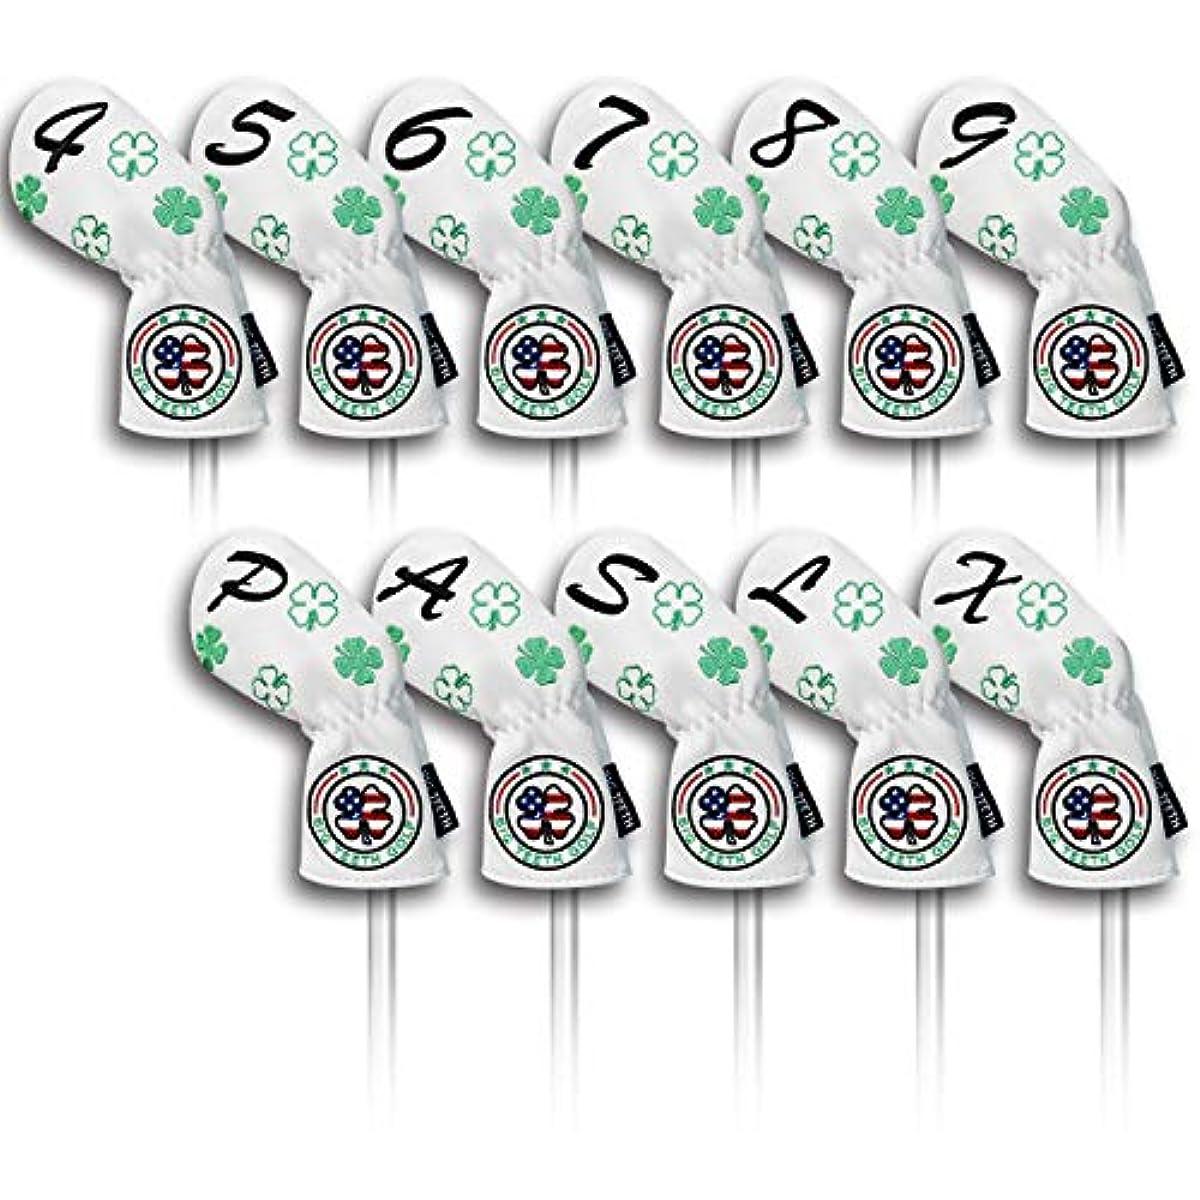 [해외] BIG TEETH(빅 teeth) 골프 아이언 커버 헤드 커버 세트 11 매들어감(4〜9,P,A,S,L,X)번호 자수 롱 넥 에라 스틱 개폐 클로버 자수 합성피혁성 레져 화이트